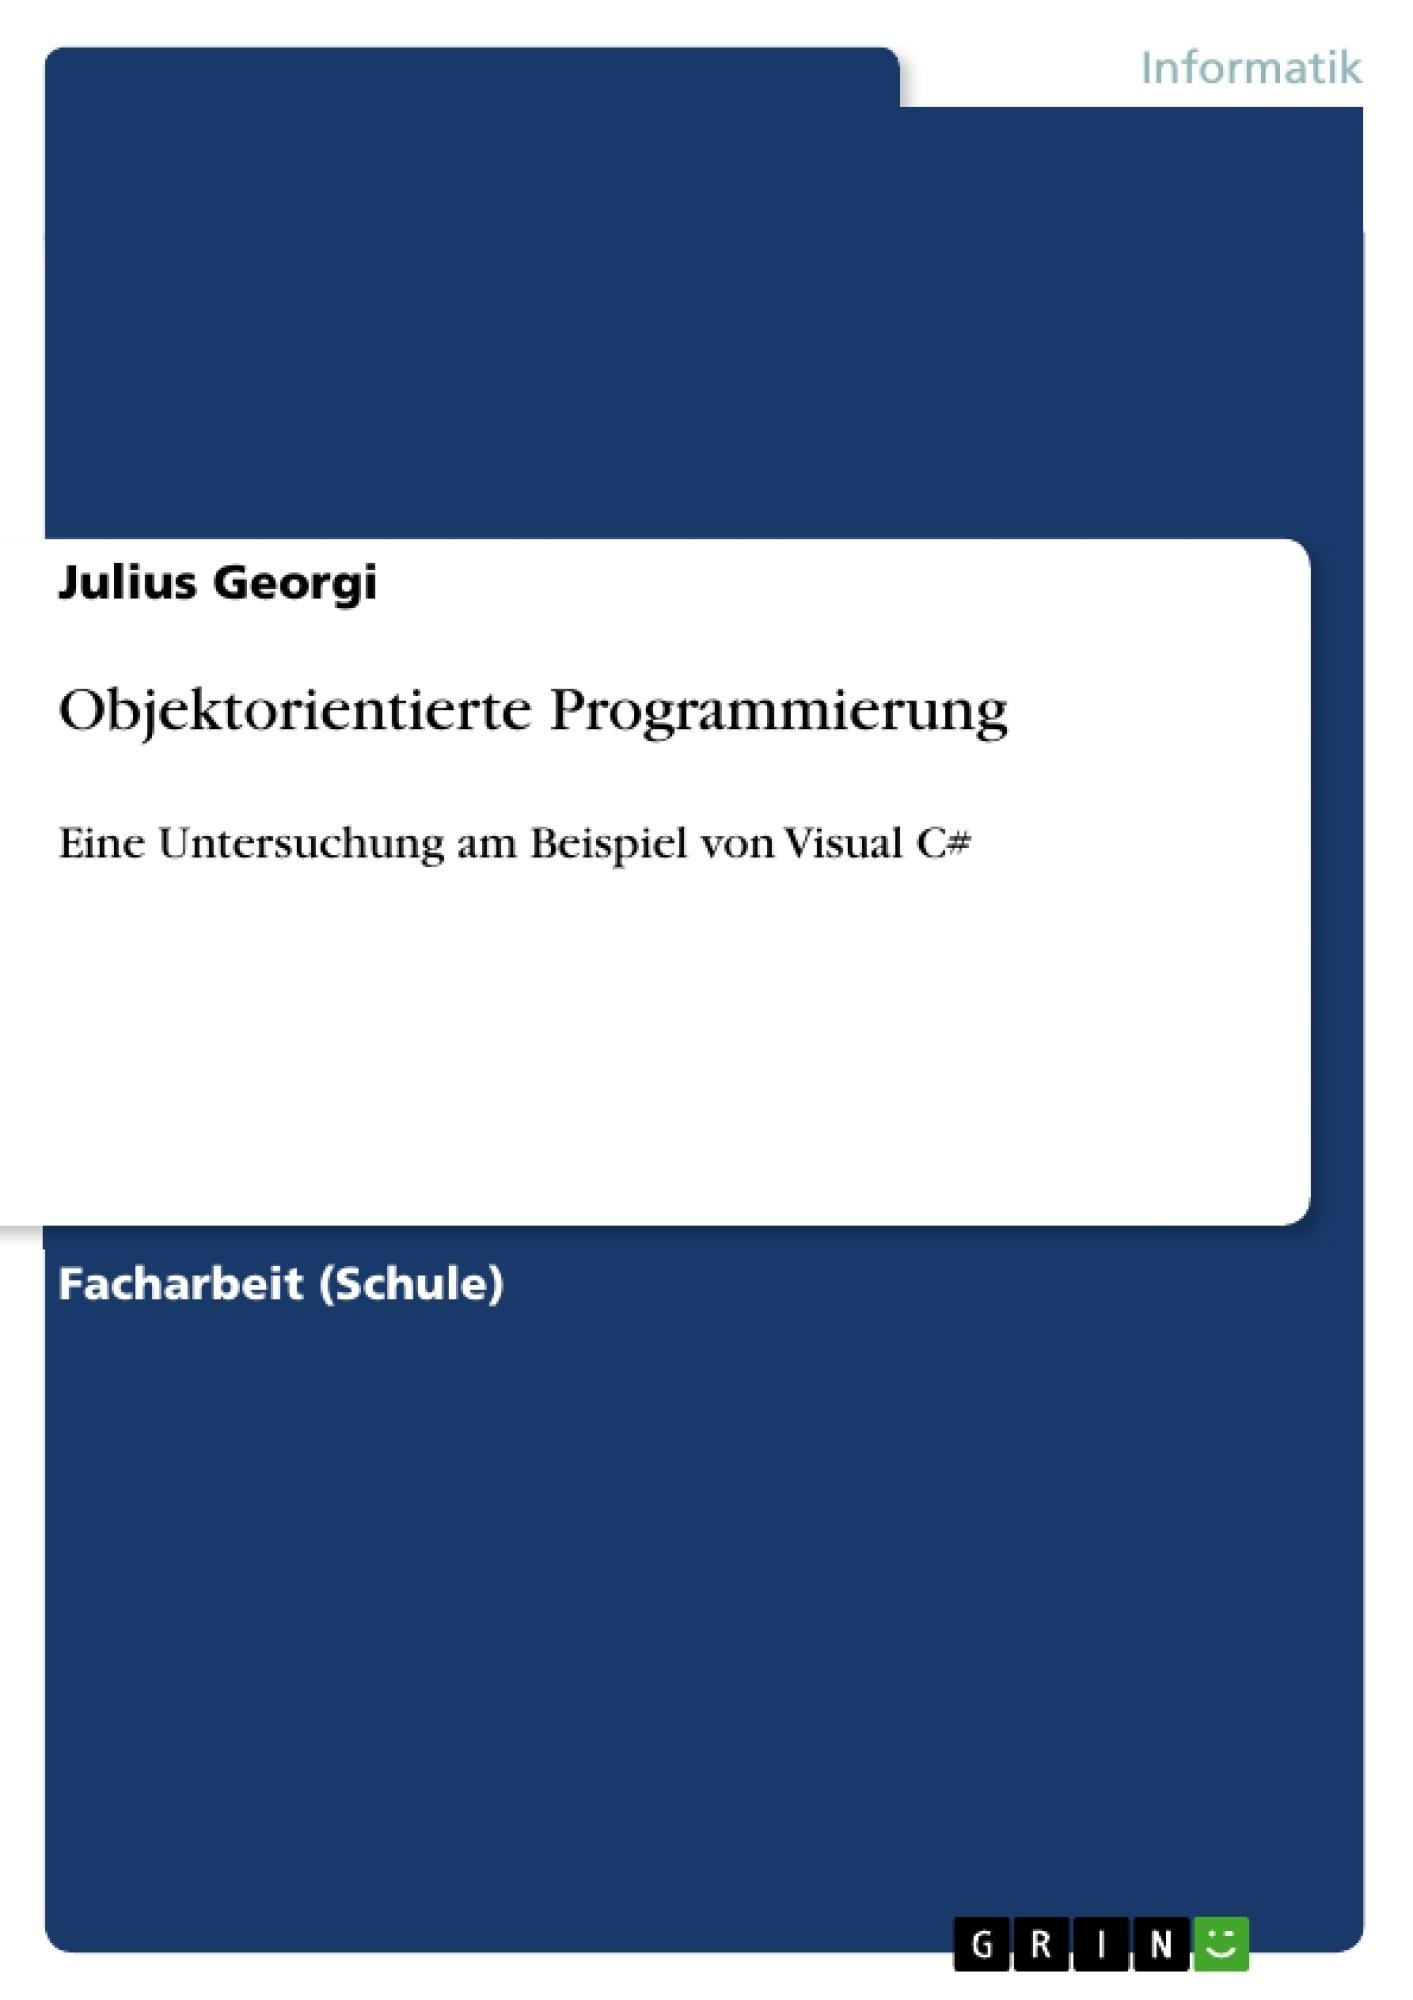 Titel: Objektorientierte Programmierung